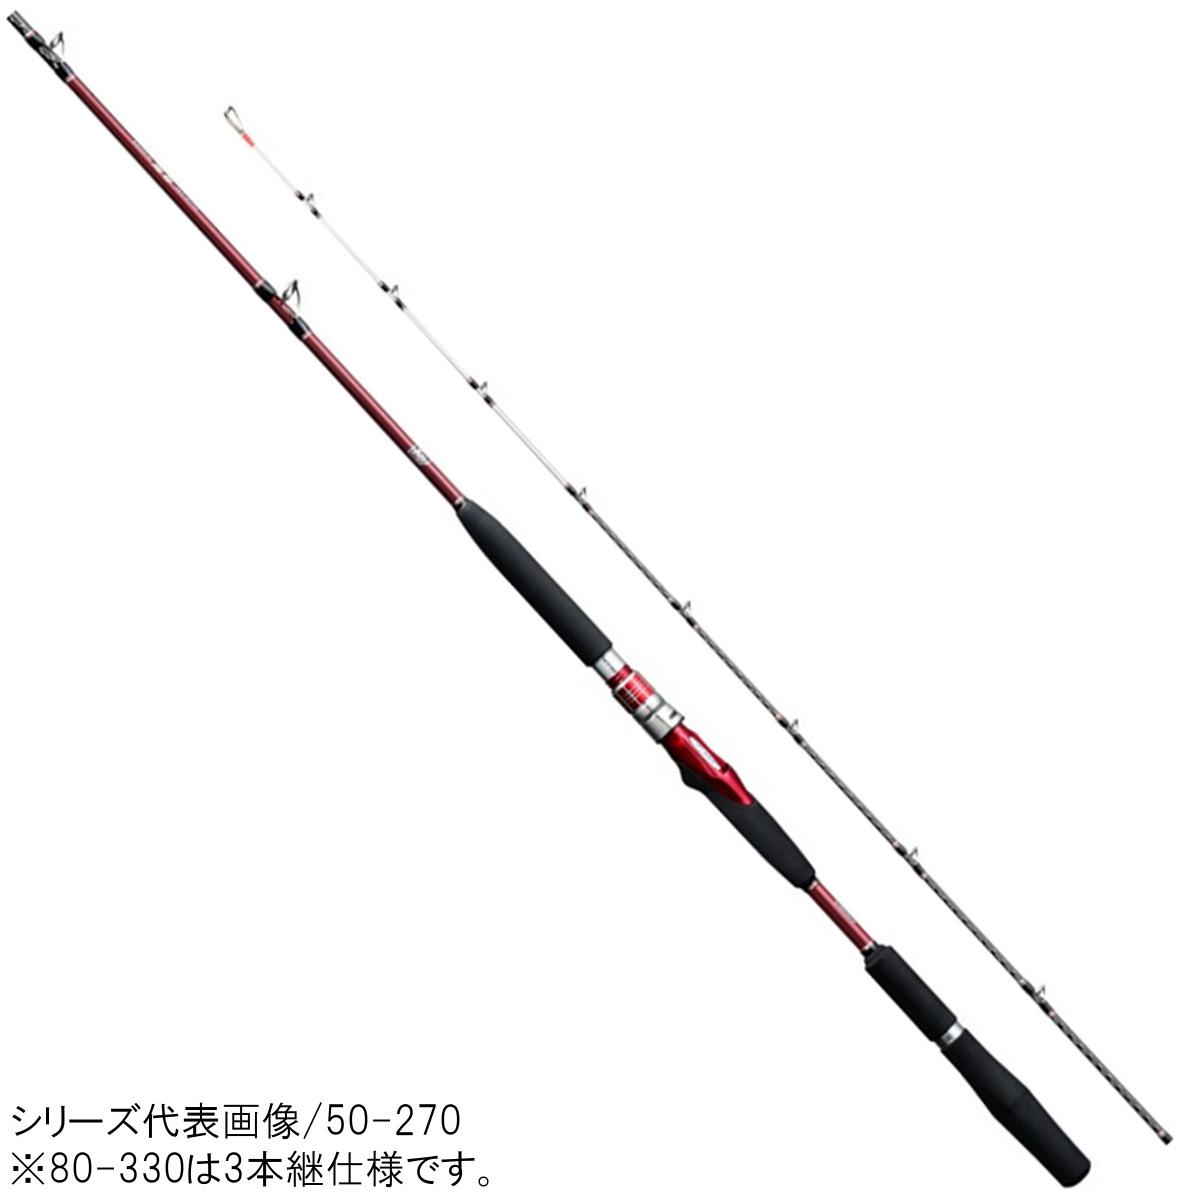 海春 80-330 シマノ【同梱不可】